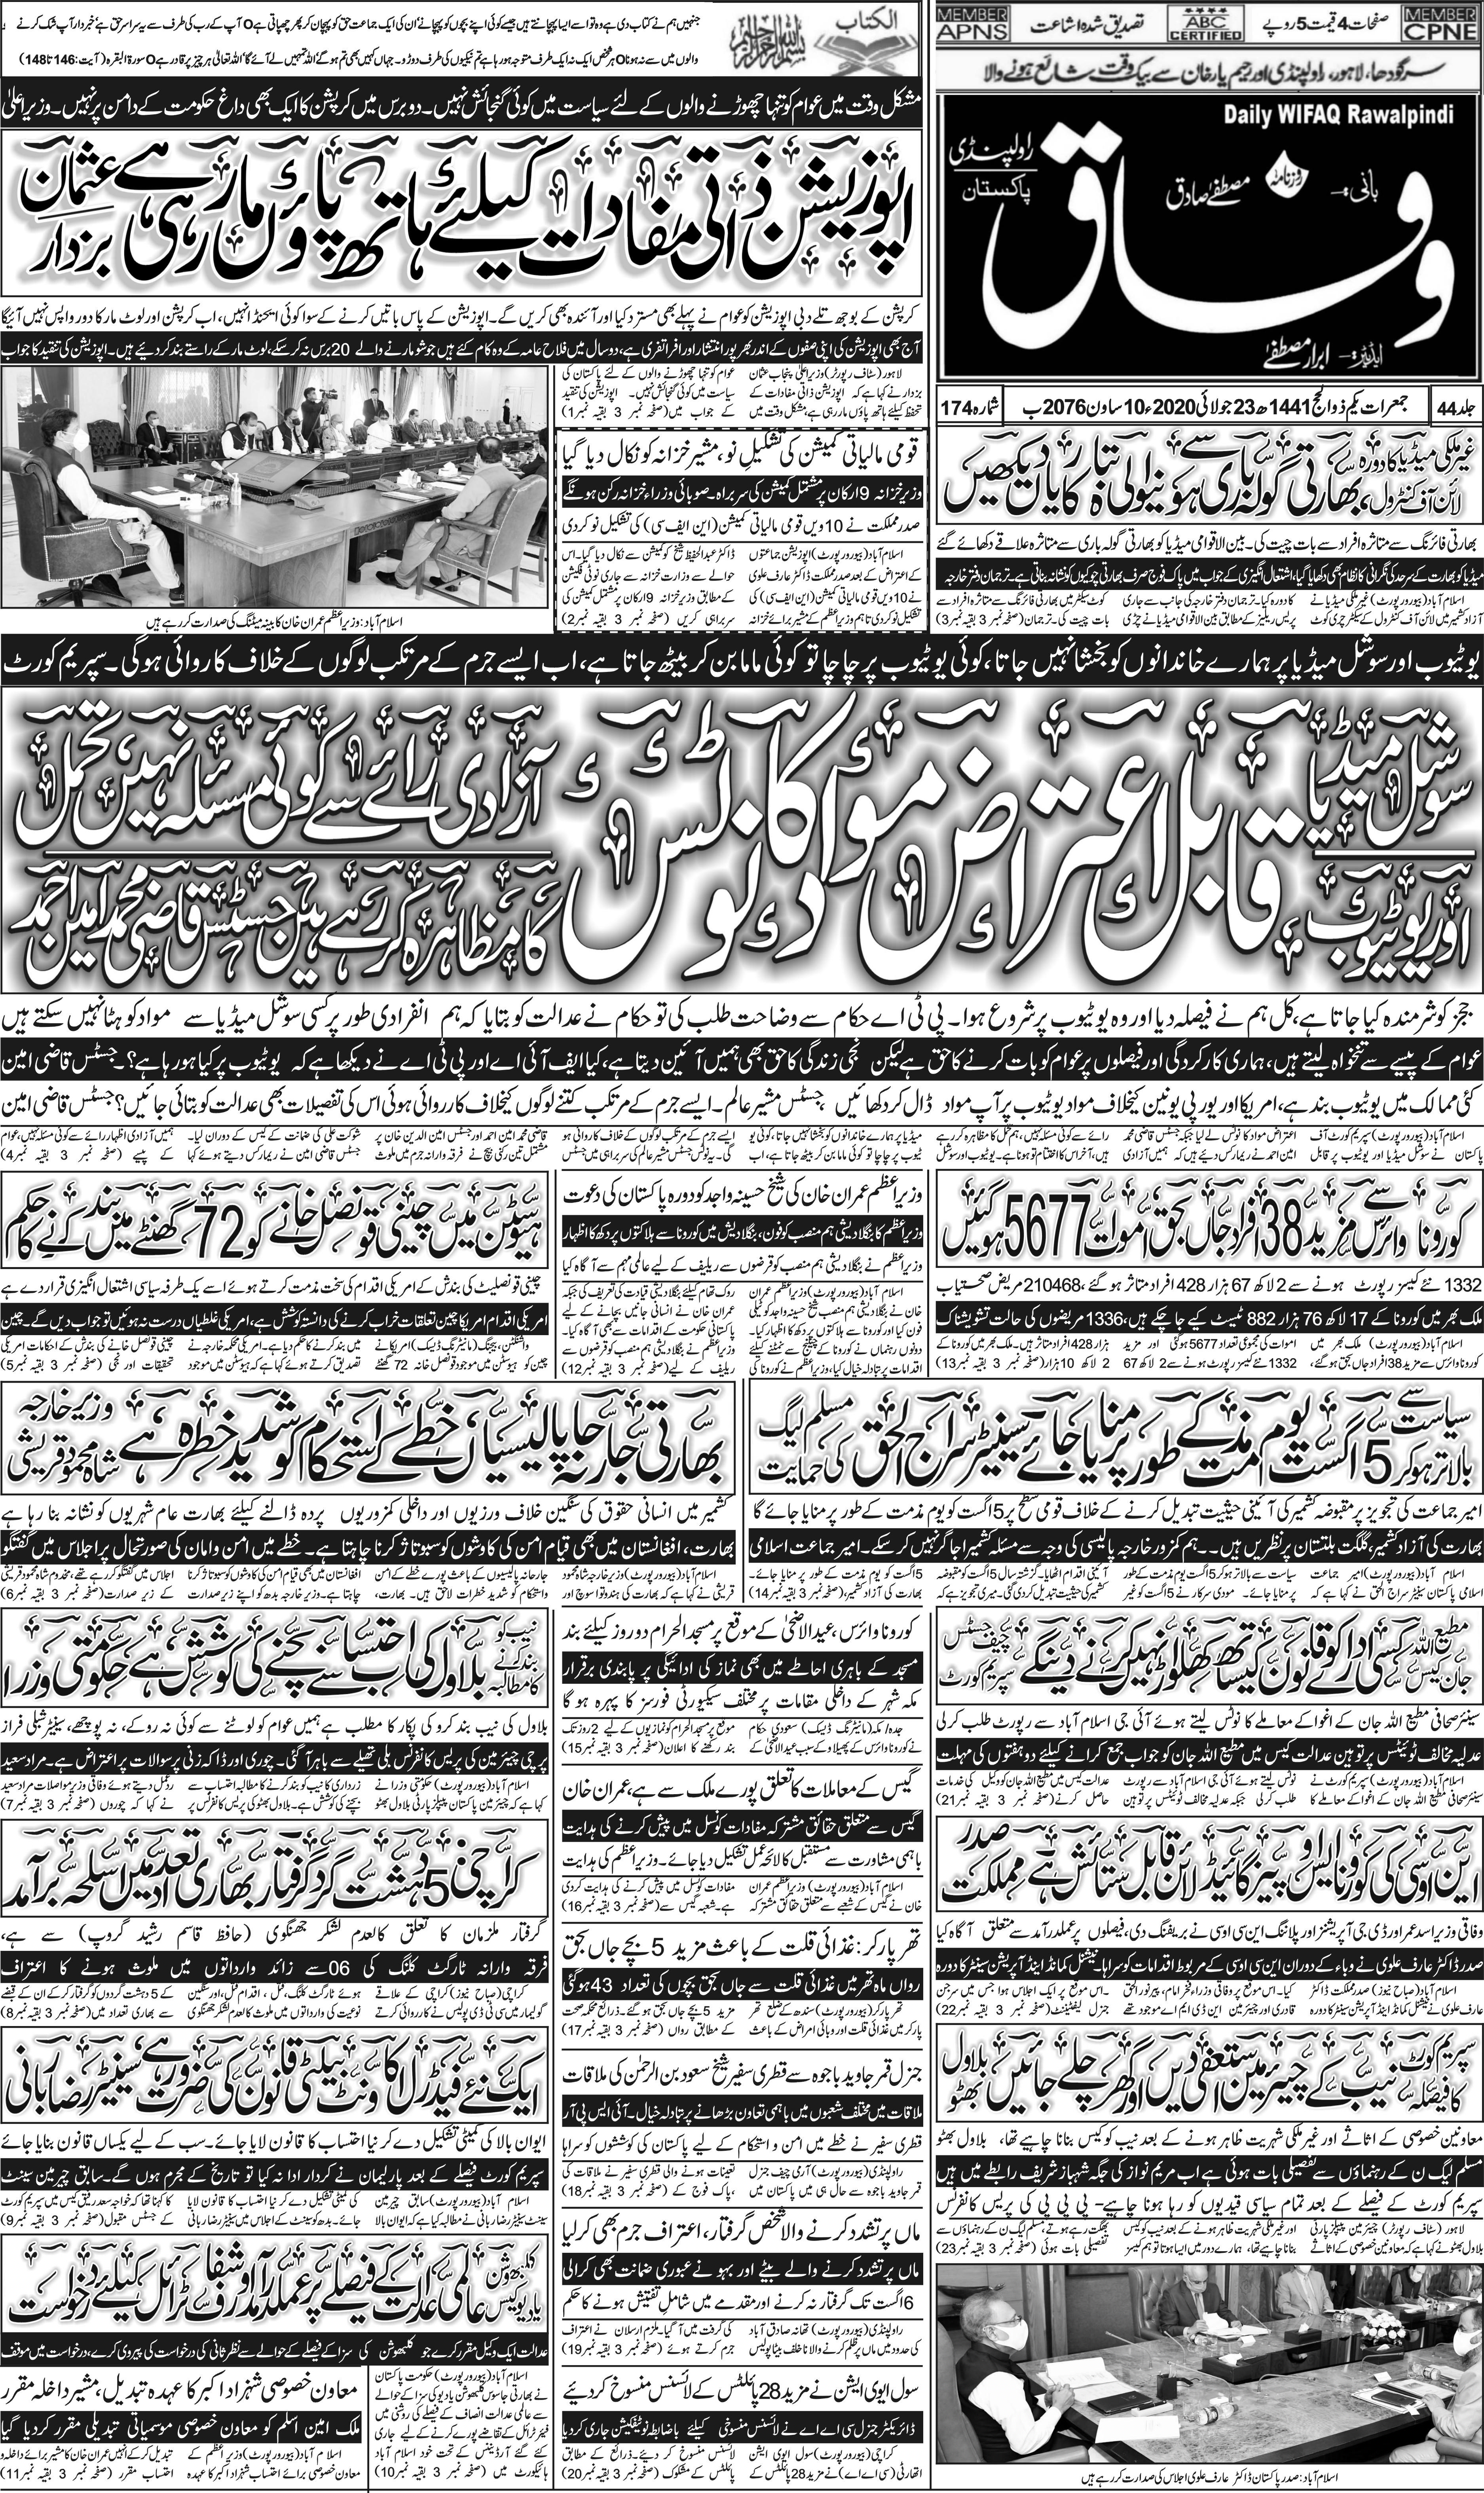 e-Paper – Daily Wifaq – Rawalpindi – 23-07-2020